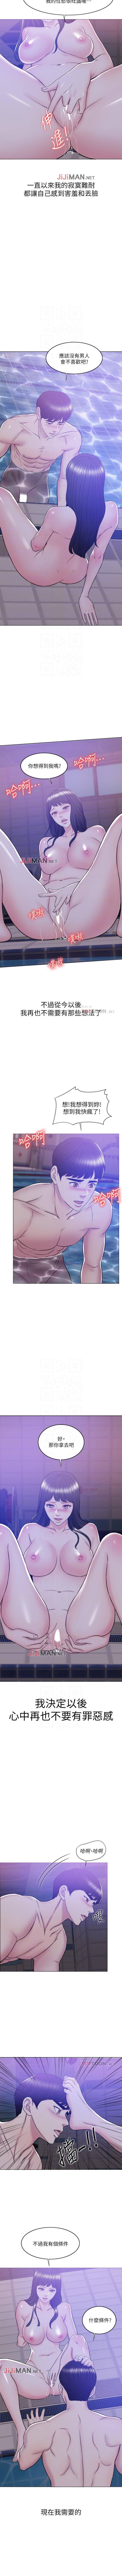 【周一连载】湿身游泳课(作者:0510&TB Production) 第1~17话 80